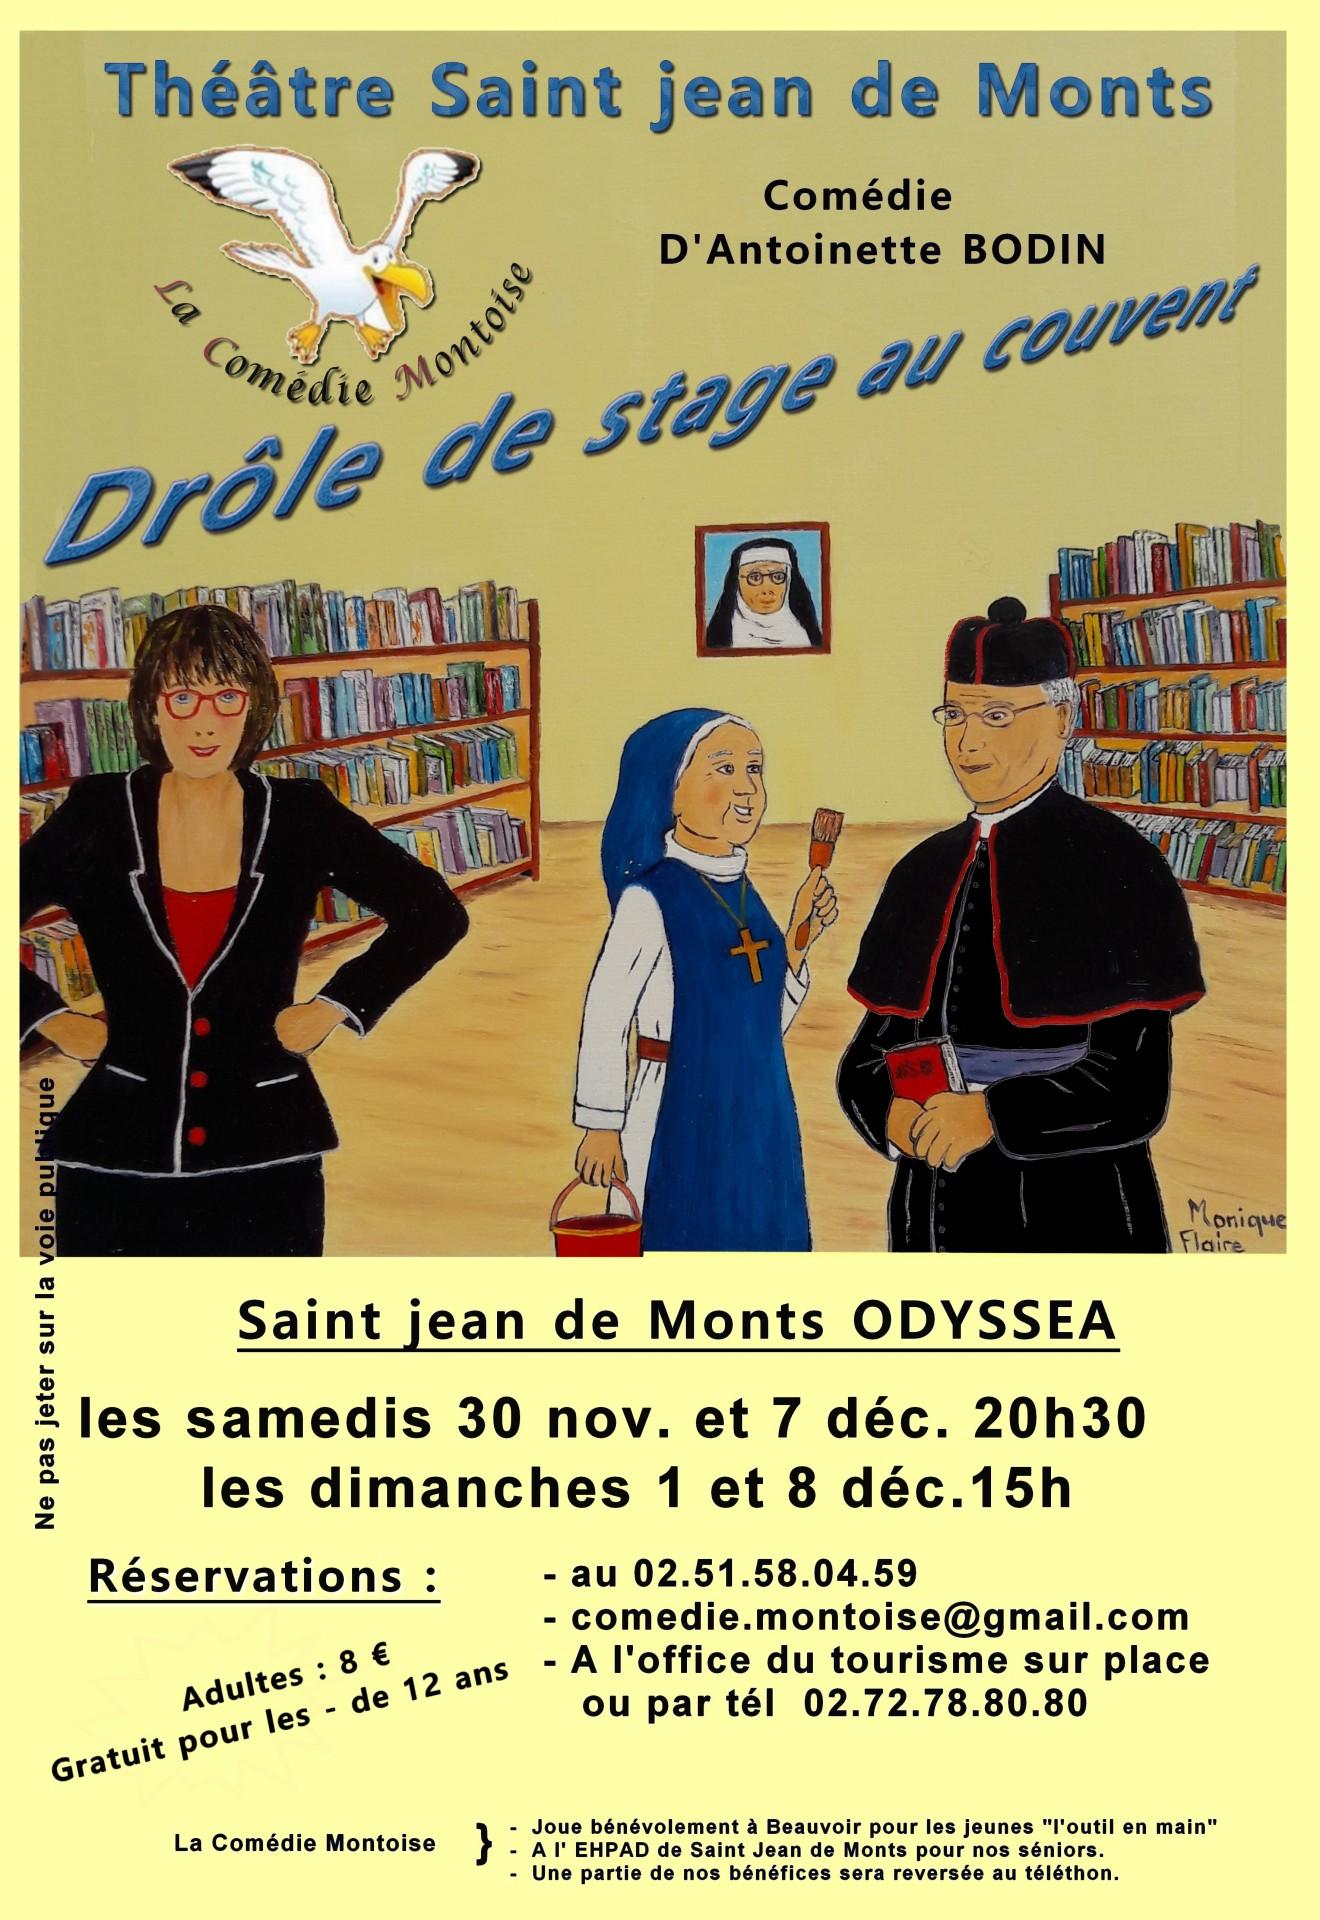 11-30-et-12-1-7-et-8-comedie-montoise-2859921